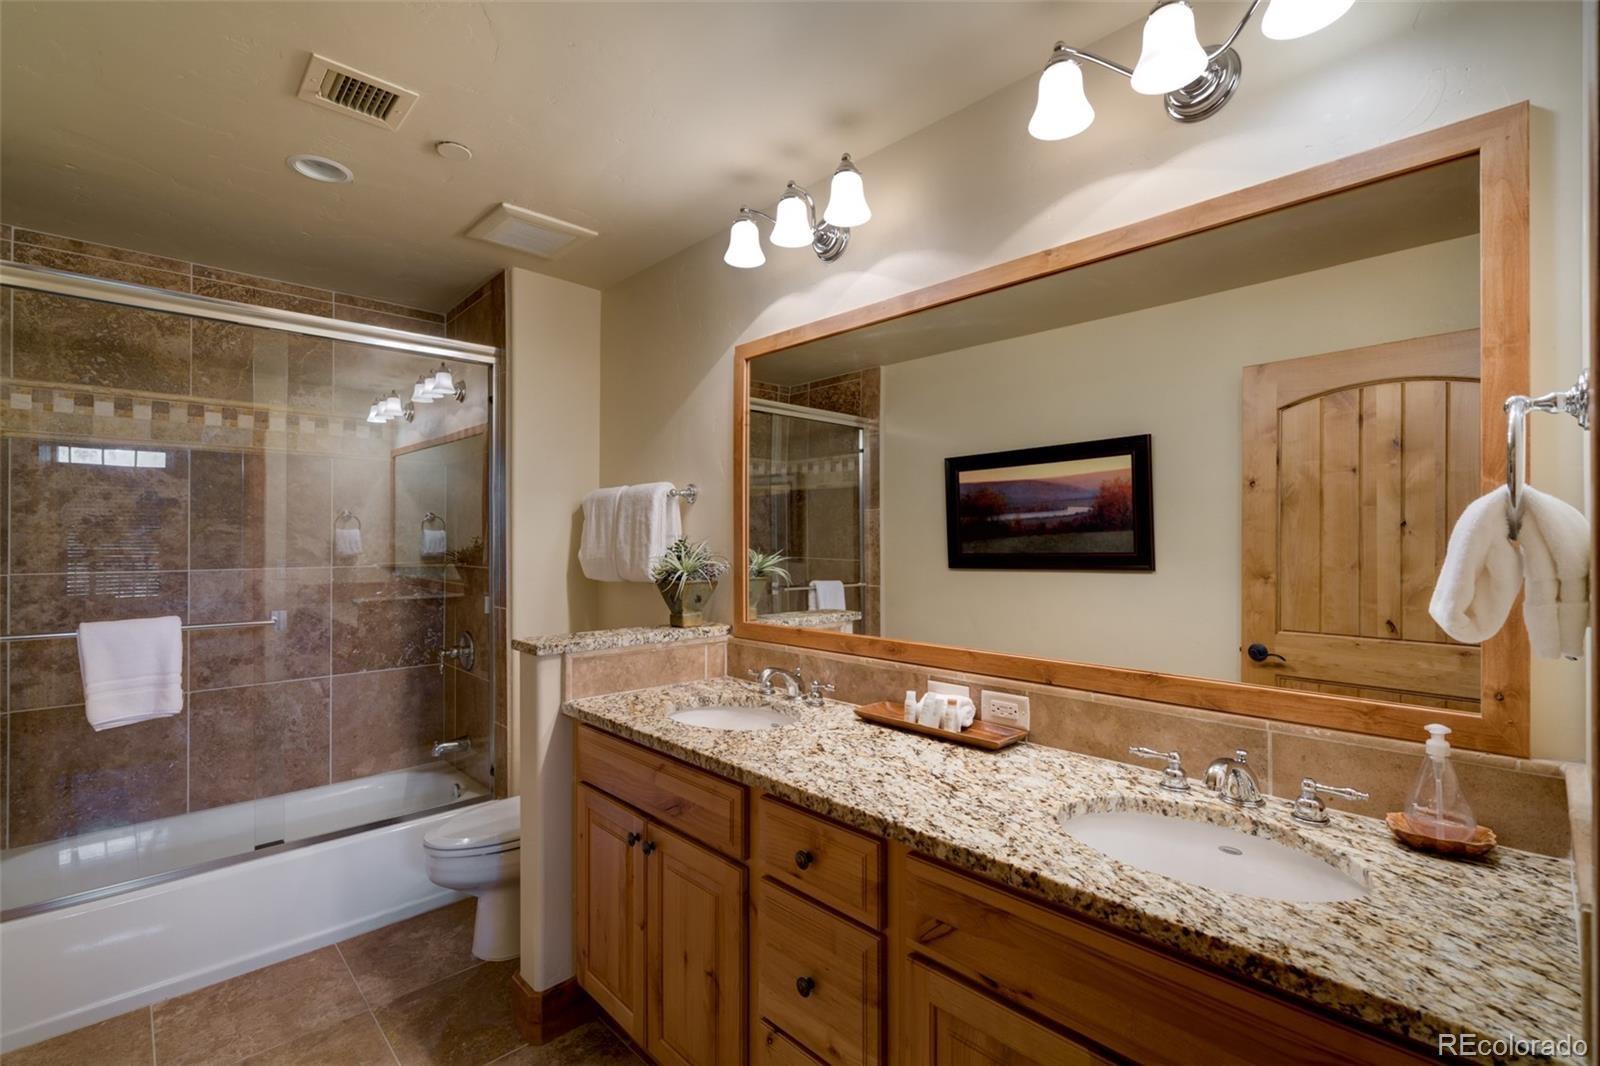 MLS# 7592425 - 20 - 1800 Medicine Springs Drive #5305, Steamboat Springs, CO 80487